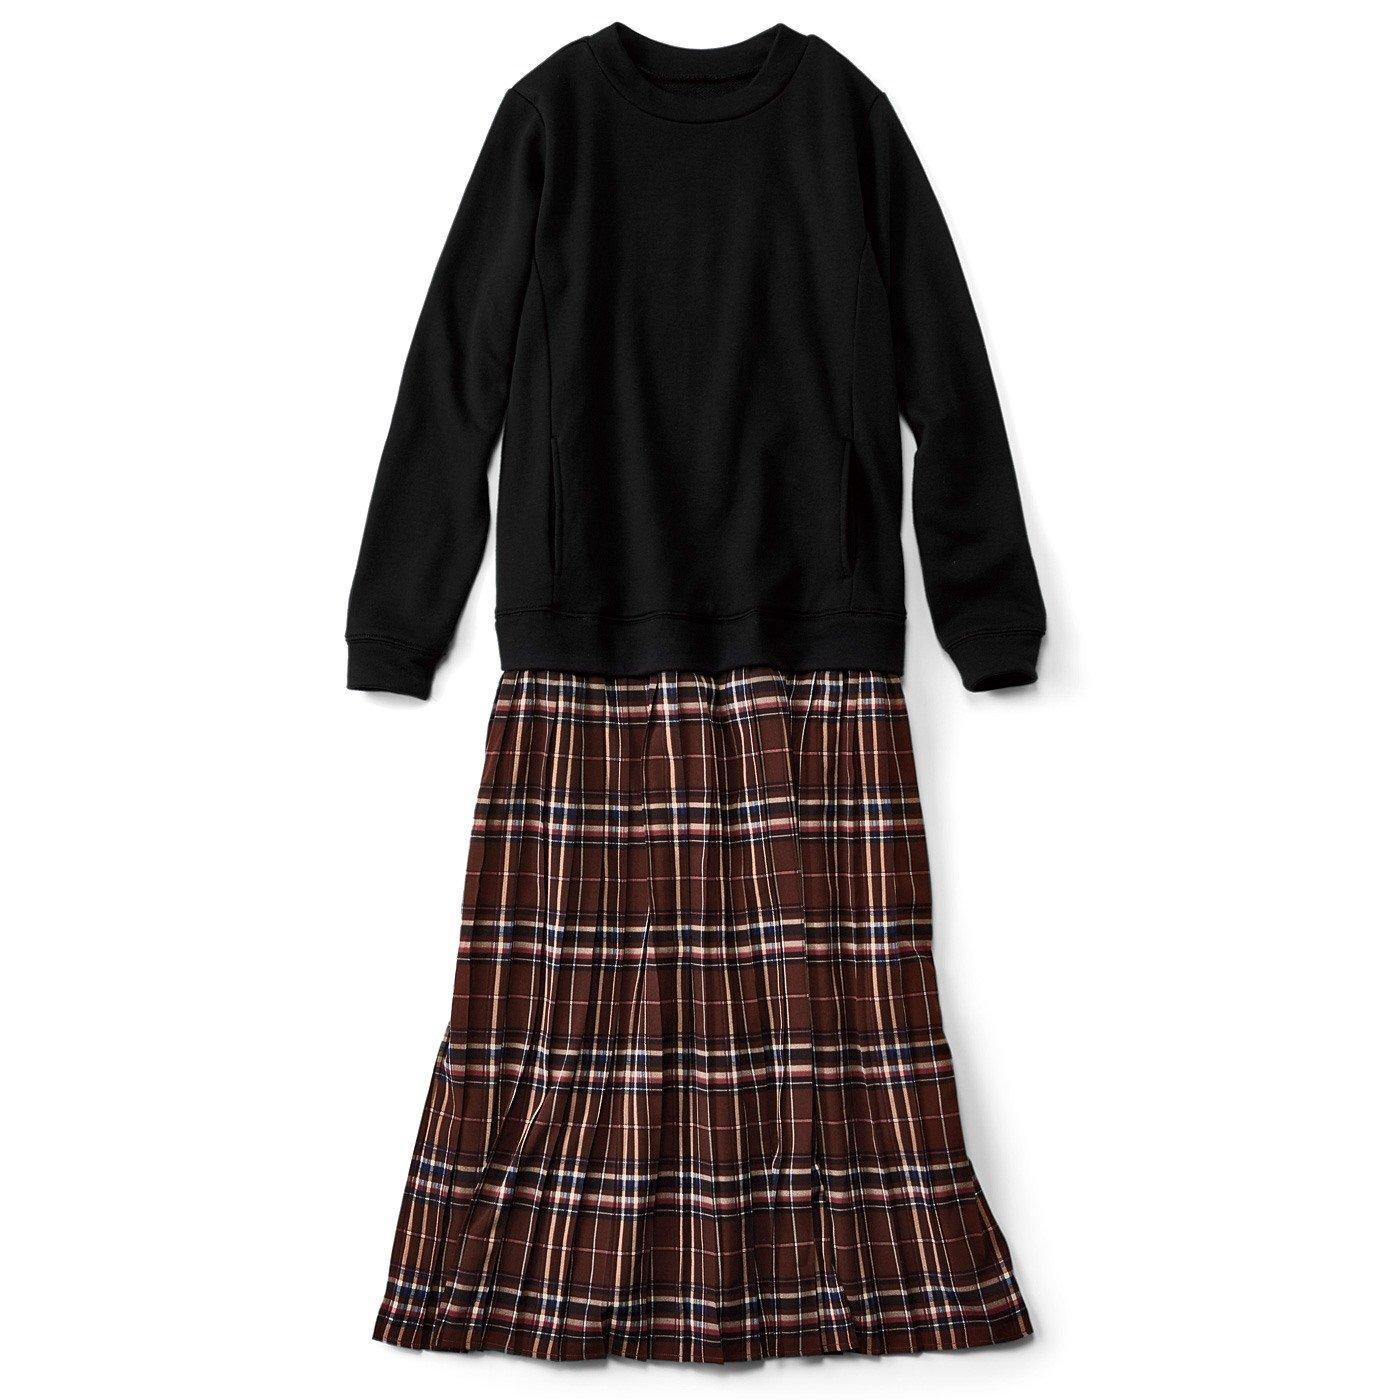 【3~10日でお届け】リブ イン コンフォート パッと着て完成! スウェット×柄プリーツスカートのらくちんドッキングワンピース〈ブラック×チェック〉